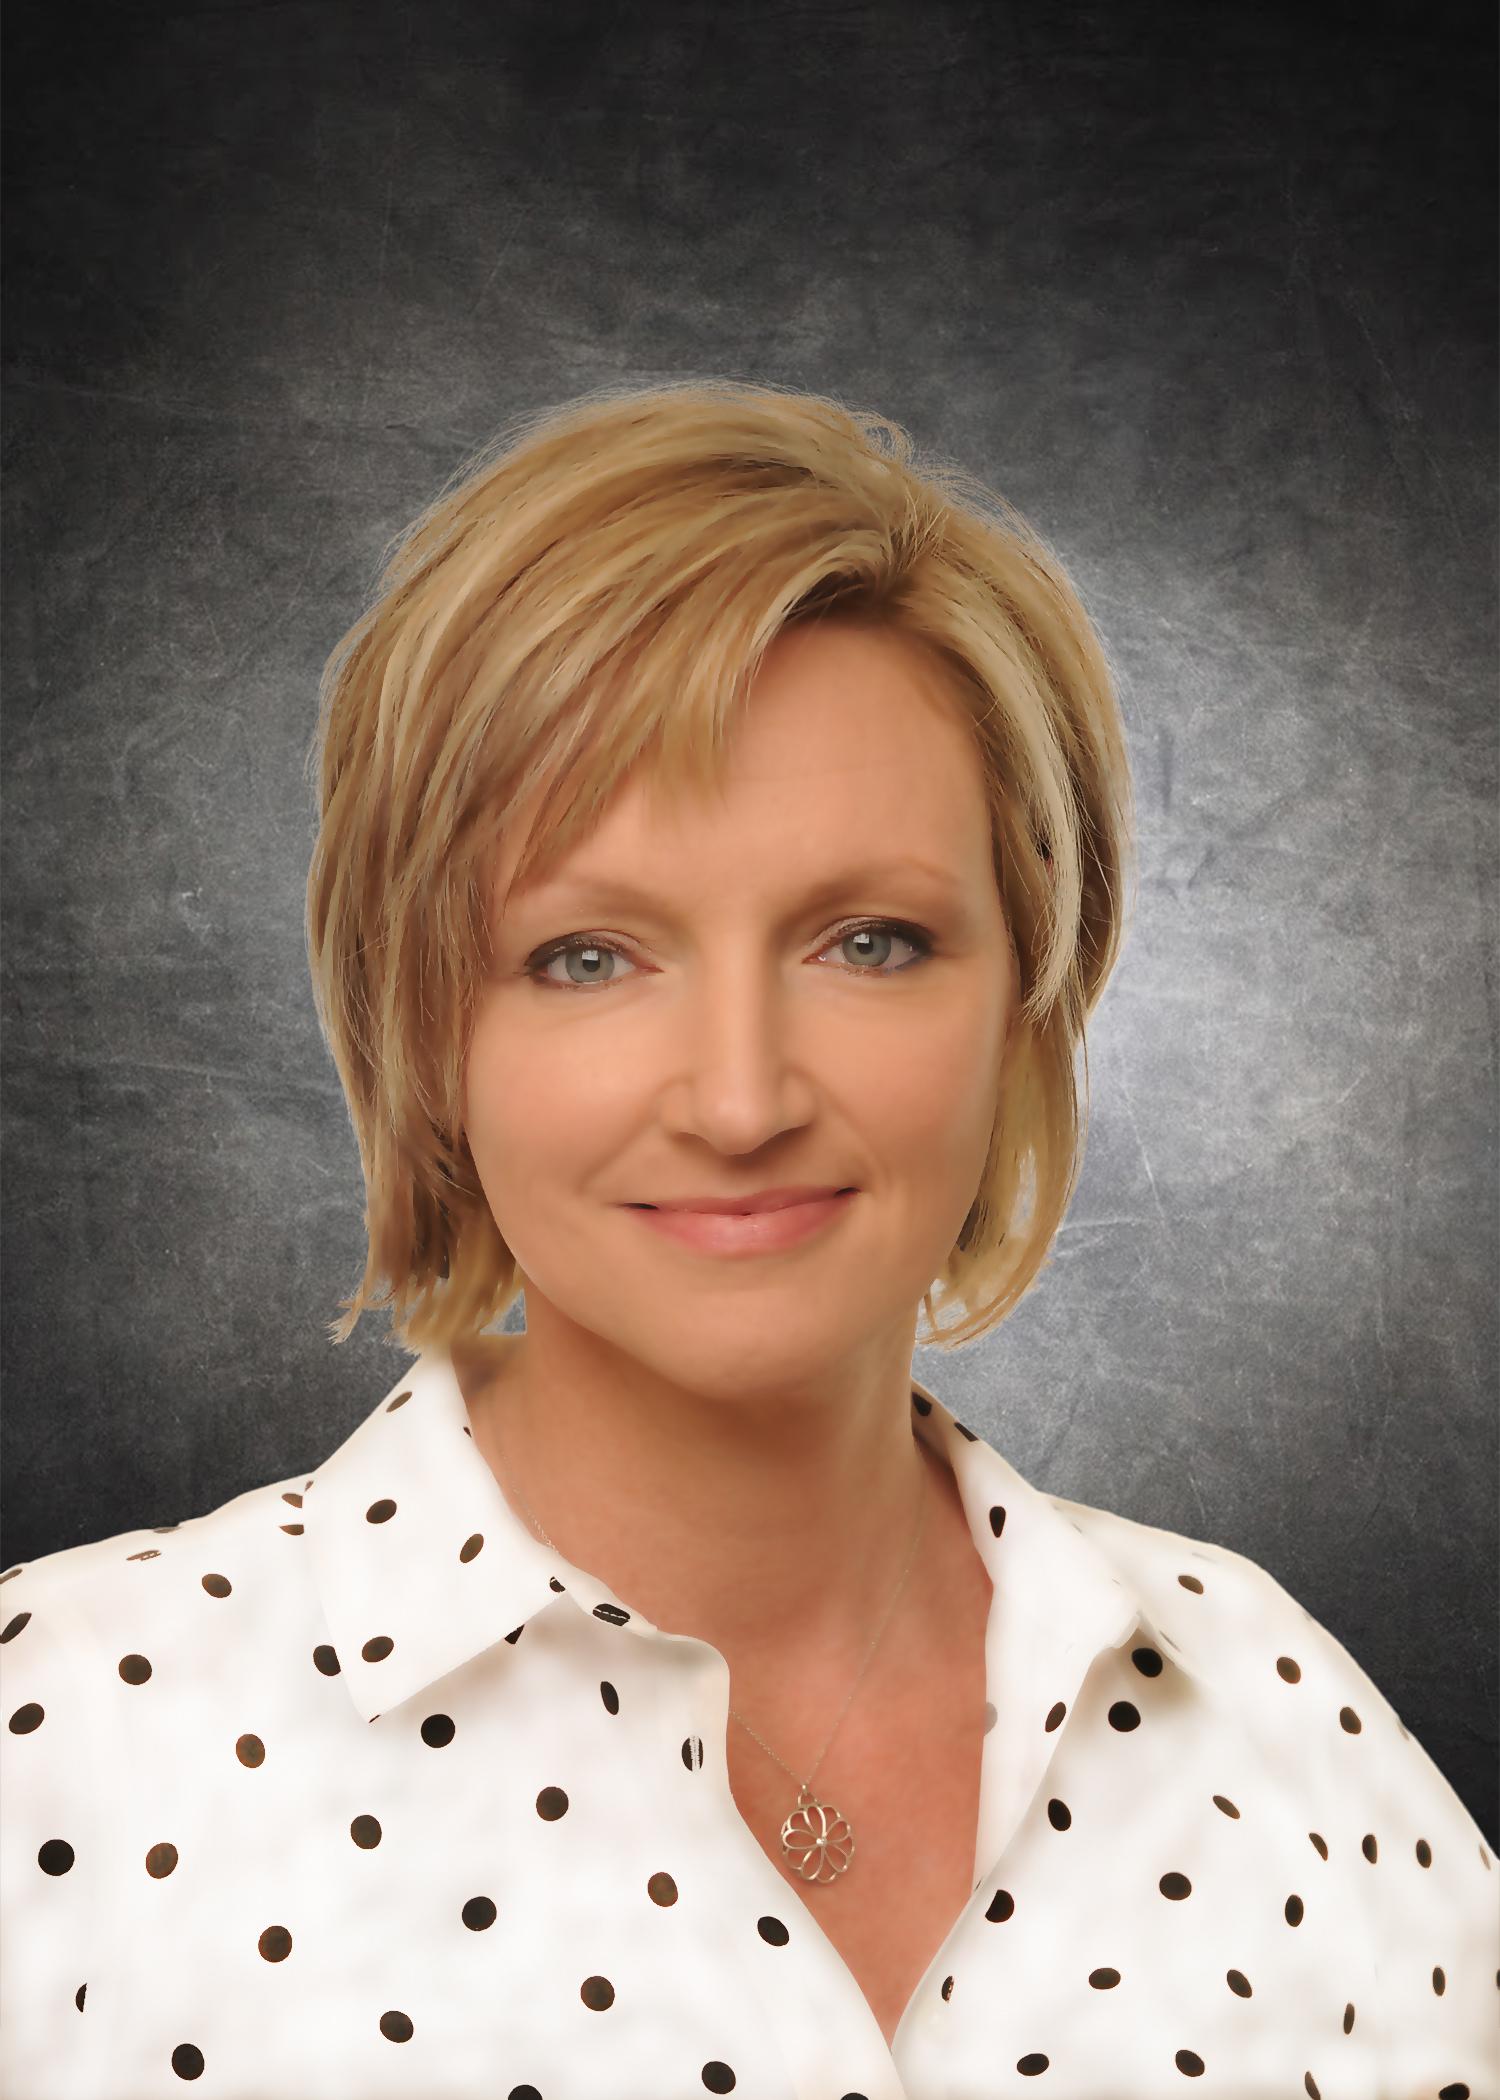 Denise undefined Babbitt